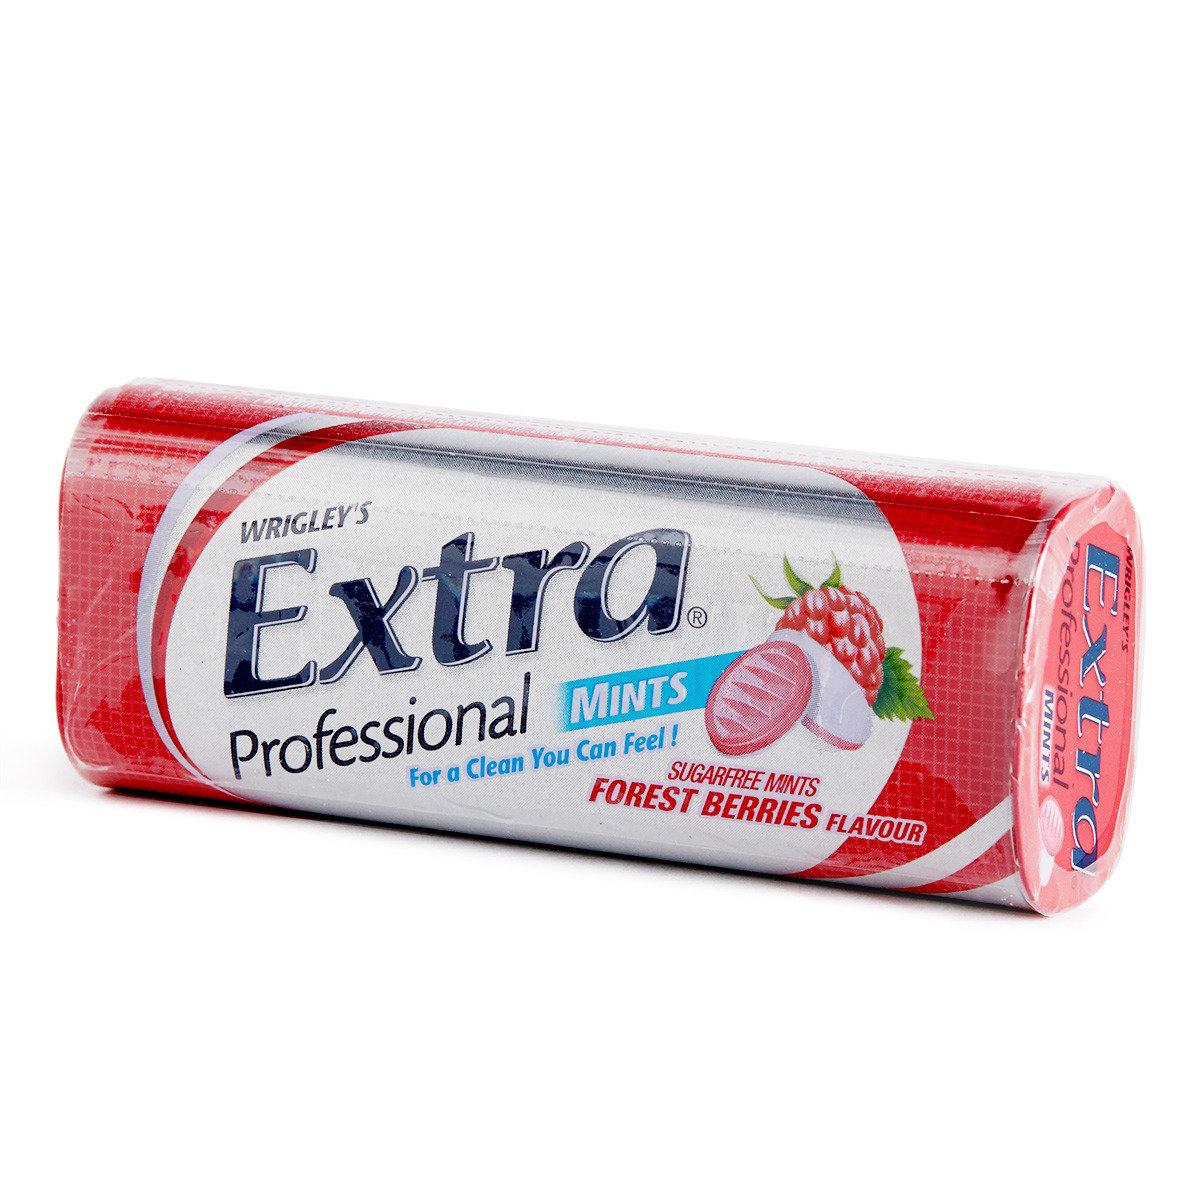 清香野莓專業無糖薄荷糖小鐵罐裝